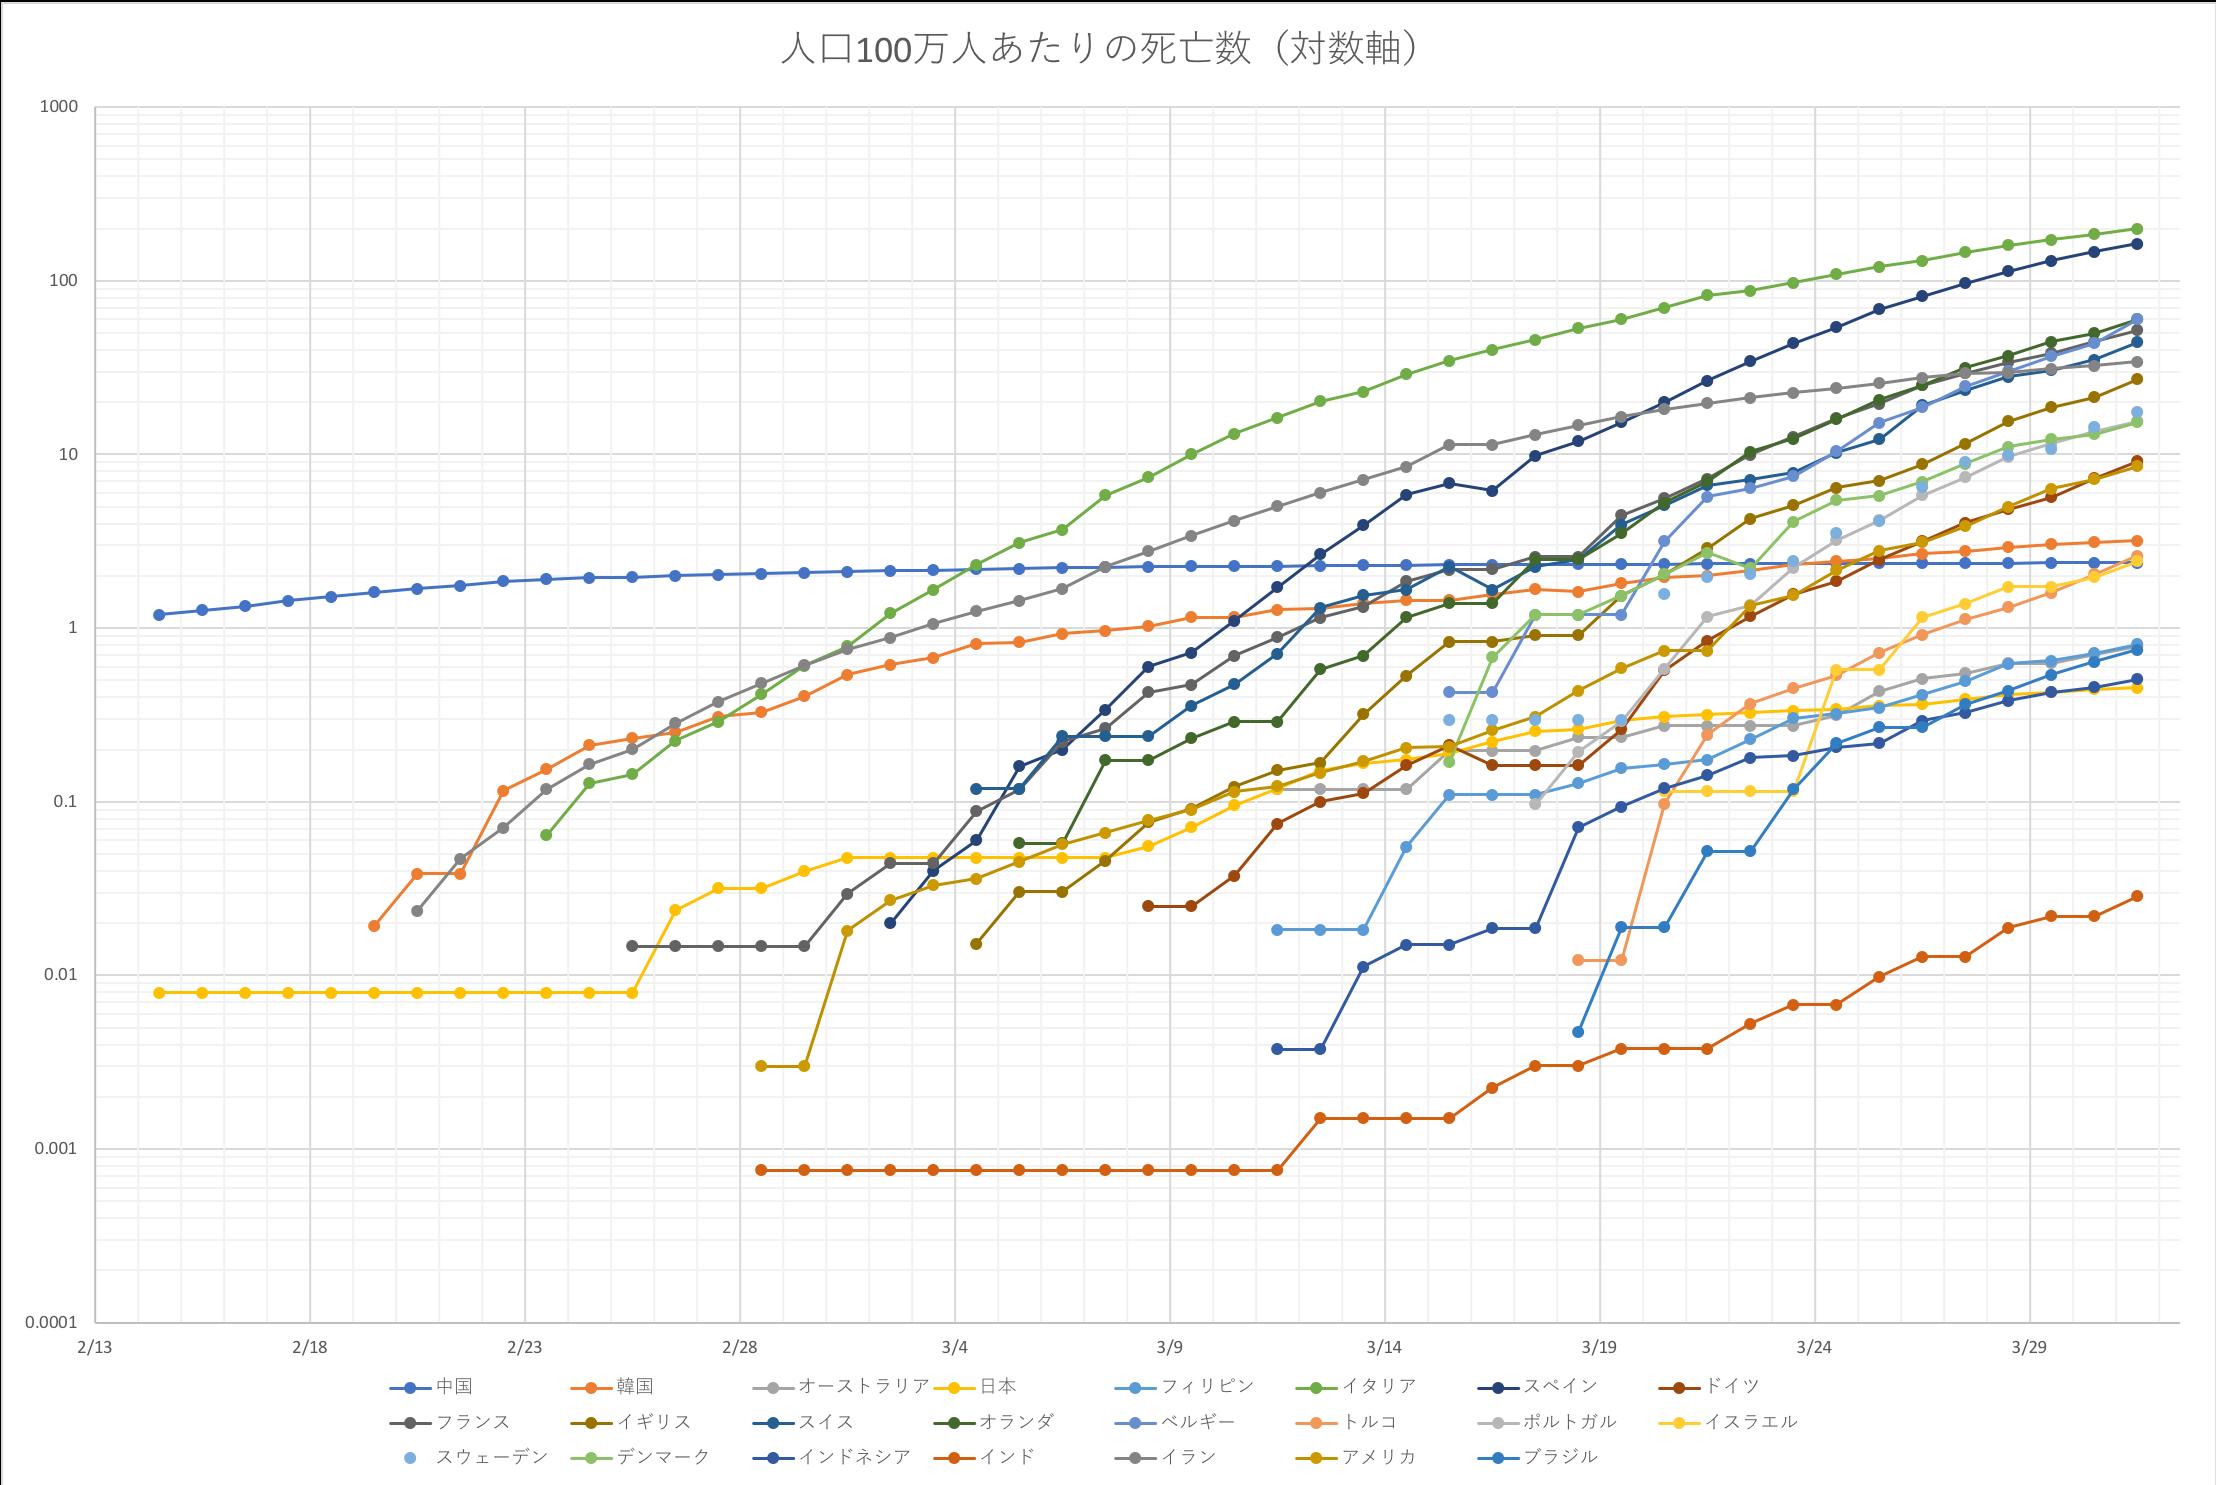 人口100万人あたりの死亡数(対数軸)